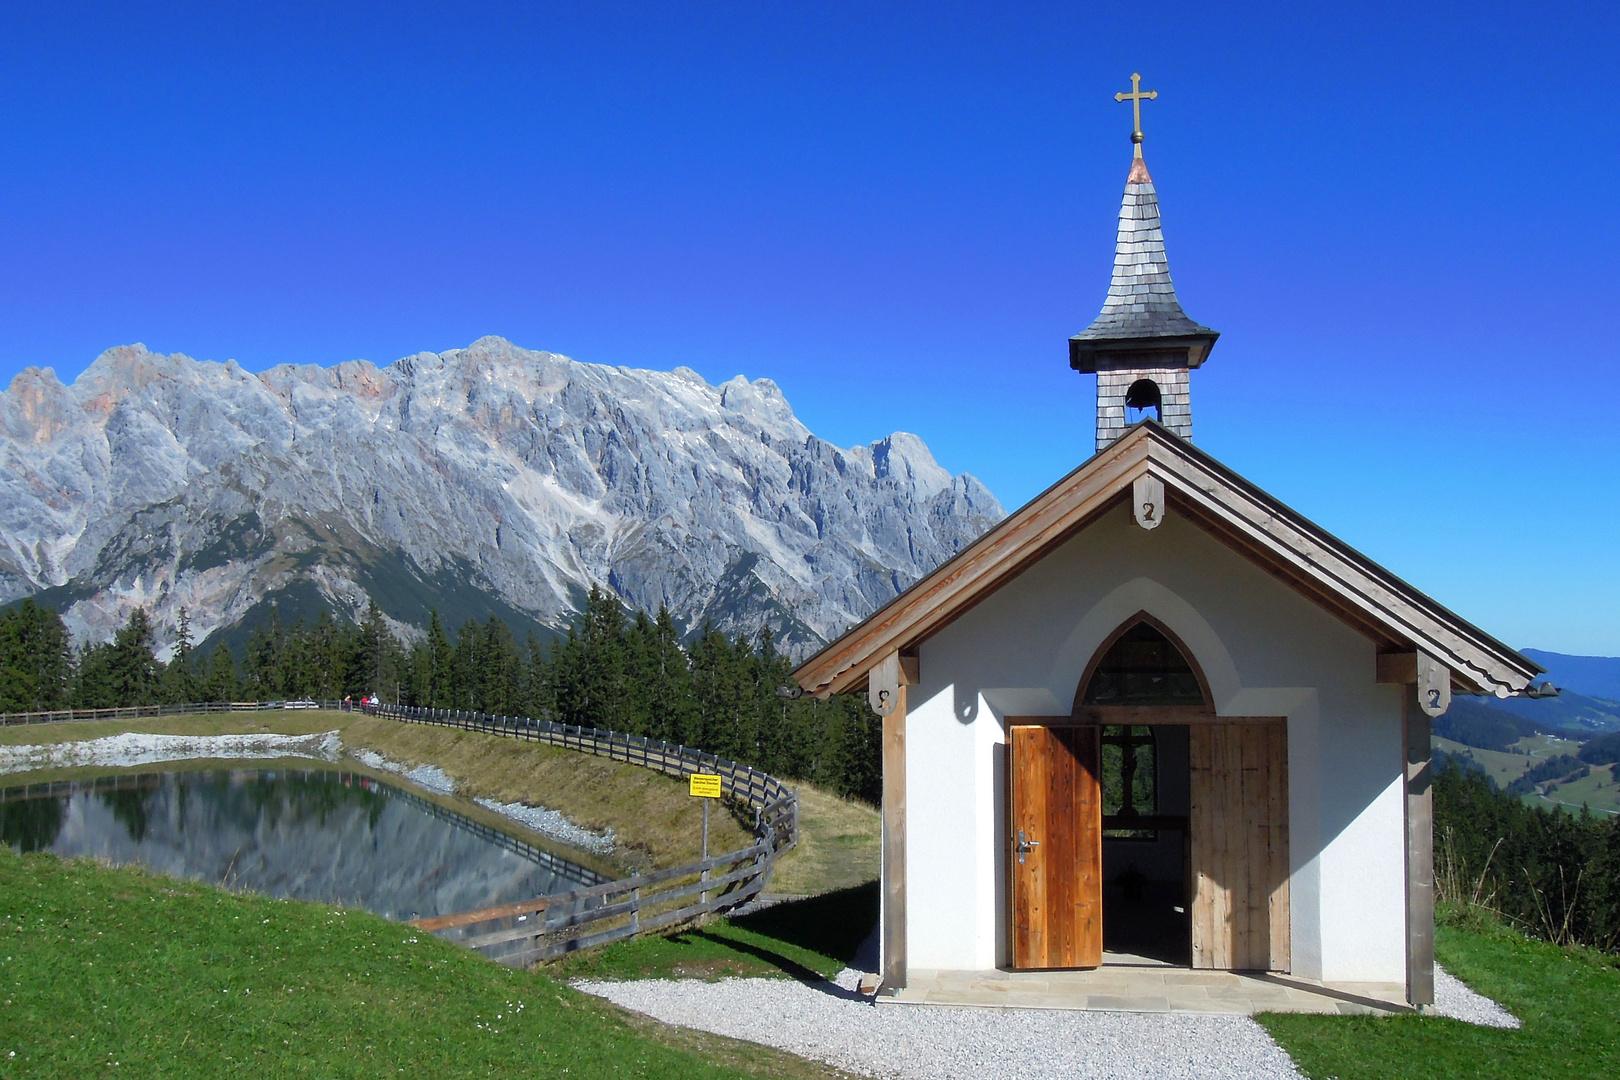 Das Bild am Sonntag - Kapelle auf der Steinbockalm - Dienten/Hkg.